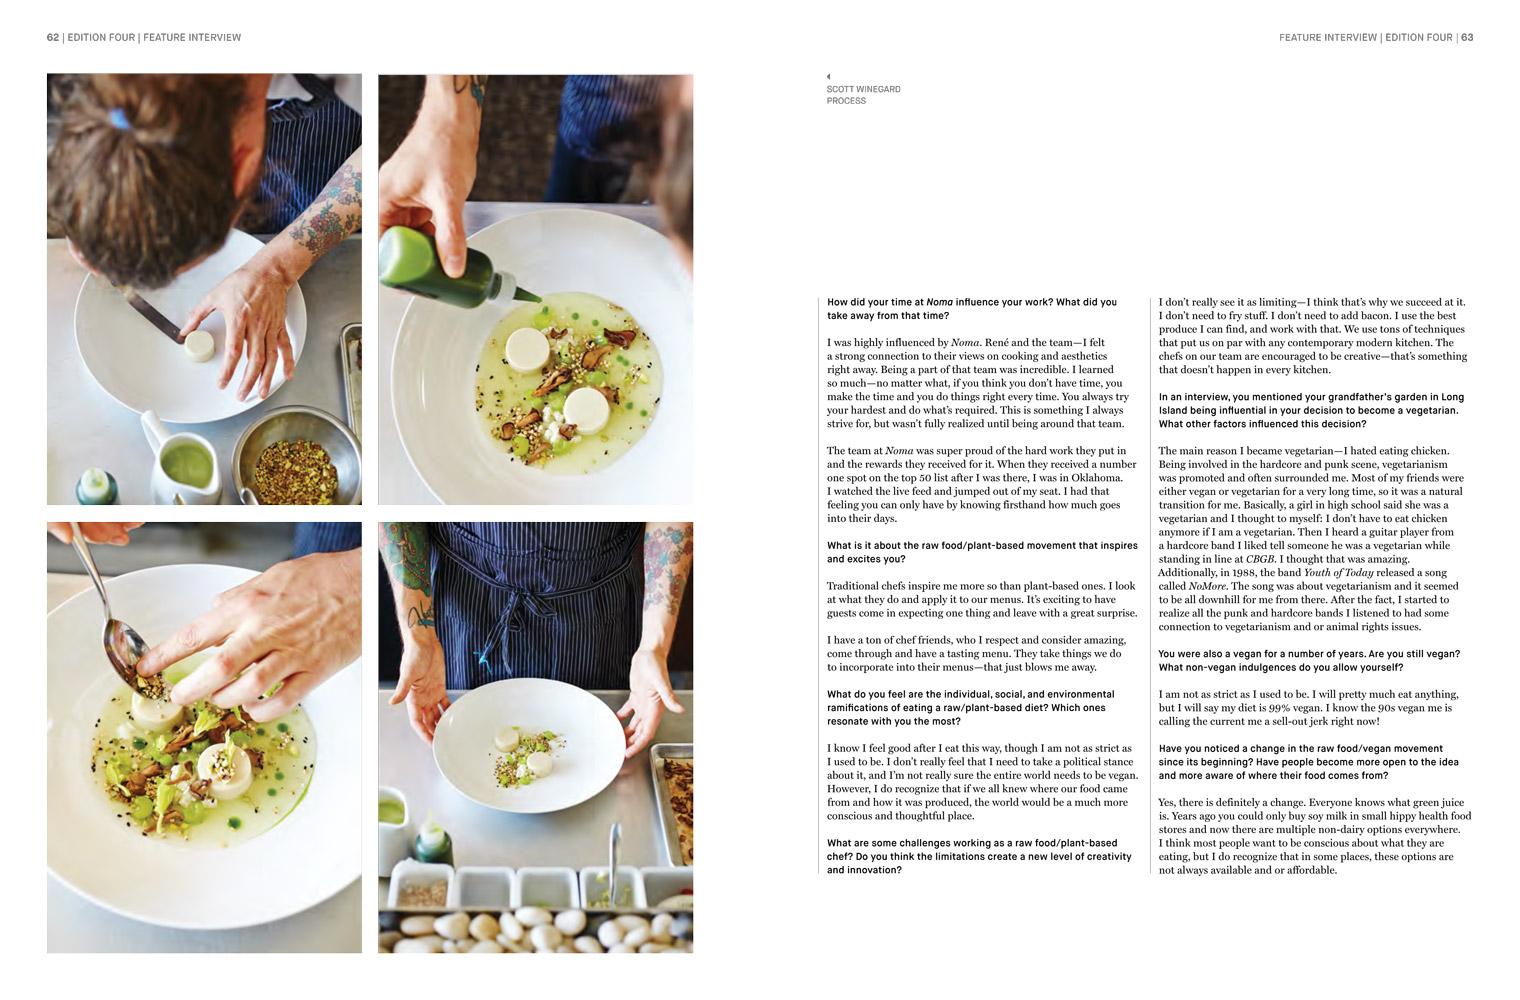 scott_winegard_chef_3.jpg